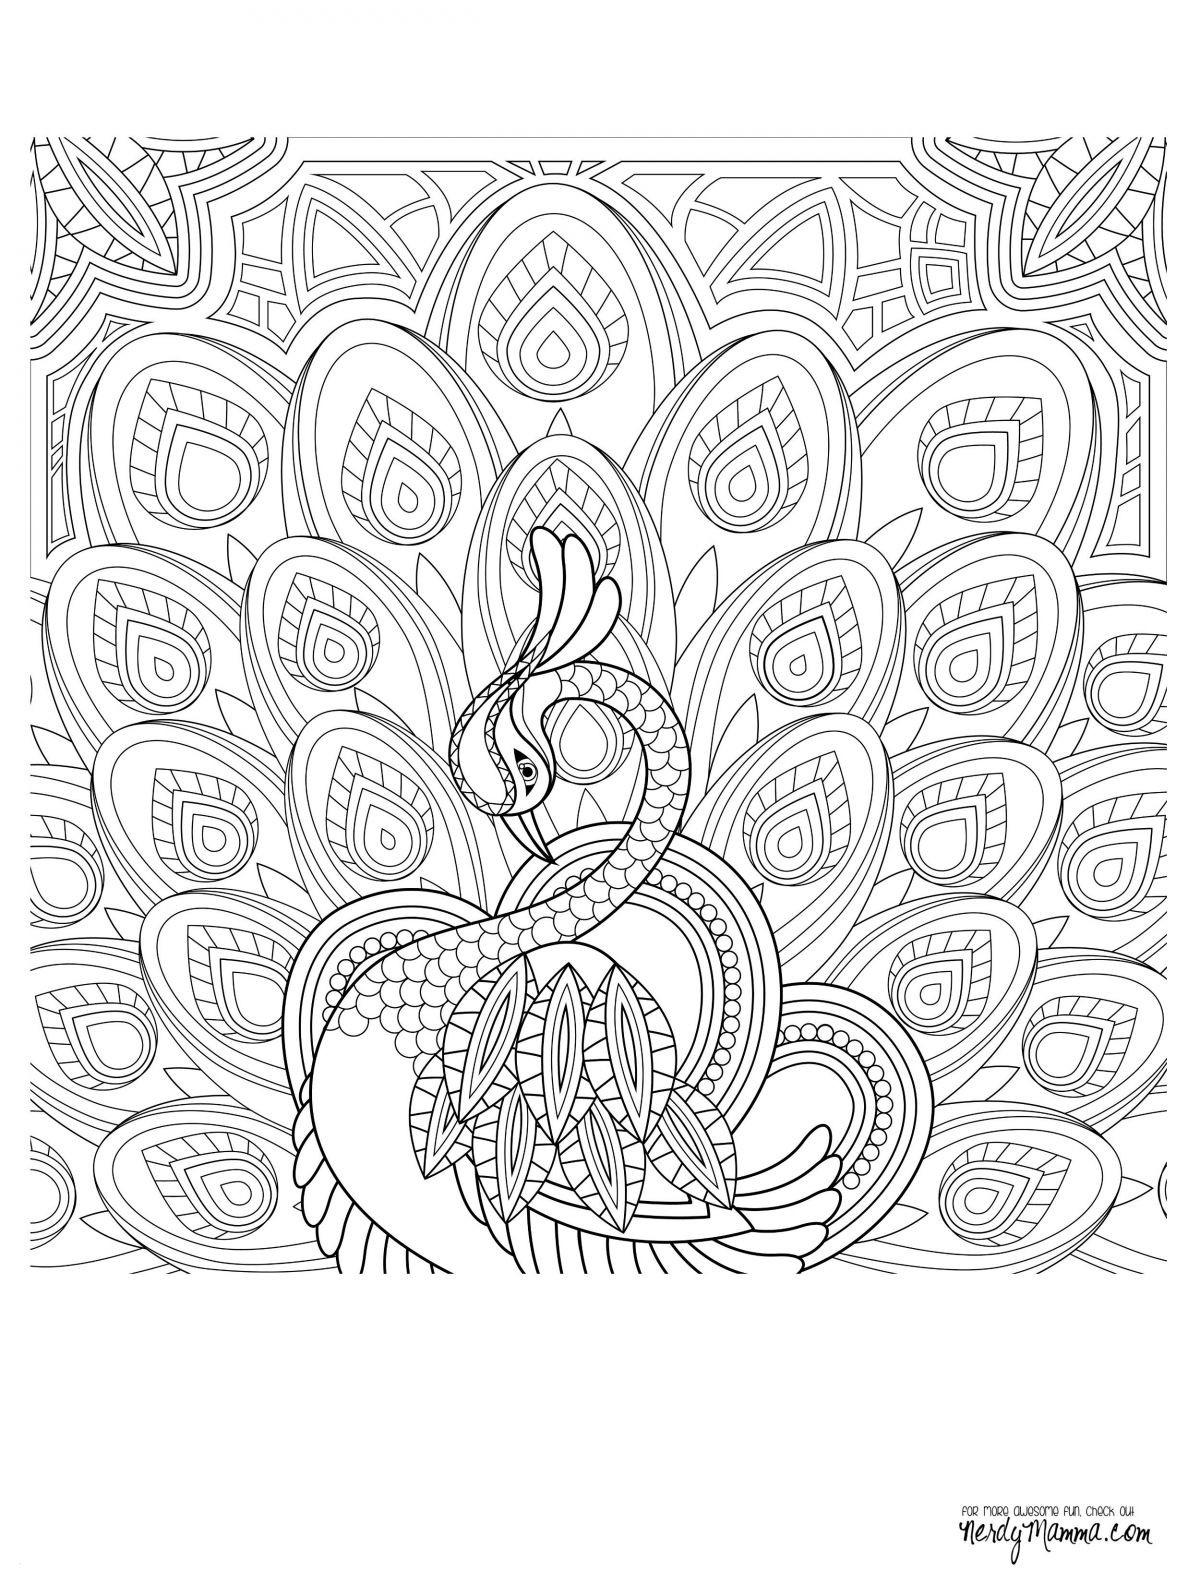 Osterhasen Bilder Kostenlos Frisch Osterhasen Malvorlagen Kostenlos Schön 40 Malvorlagen Mandala Stock